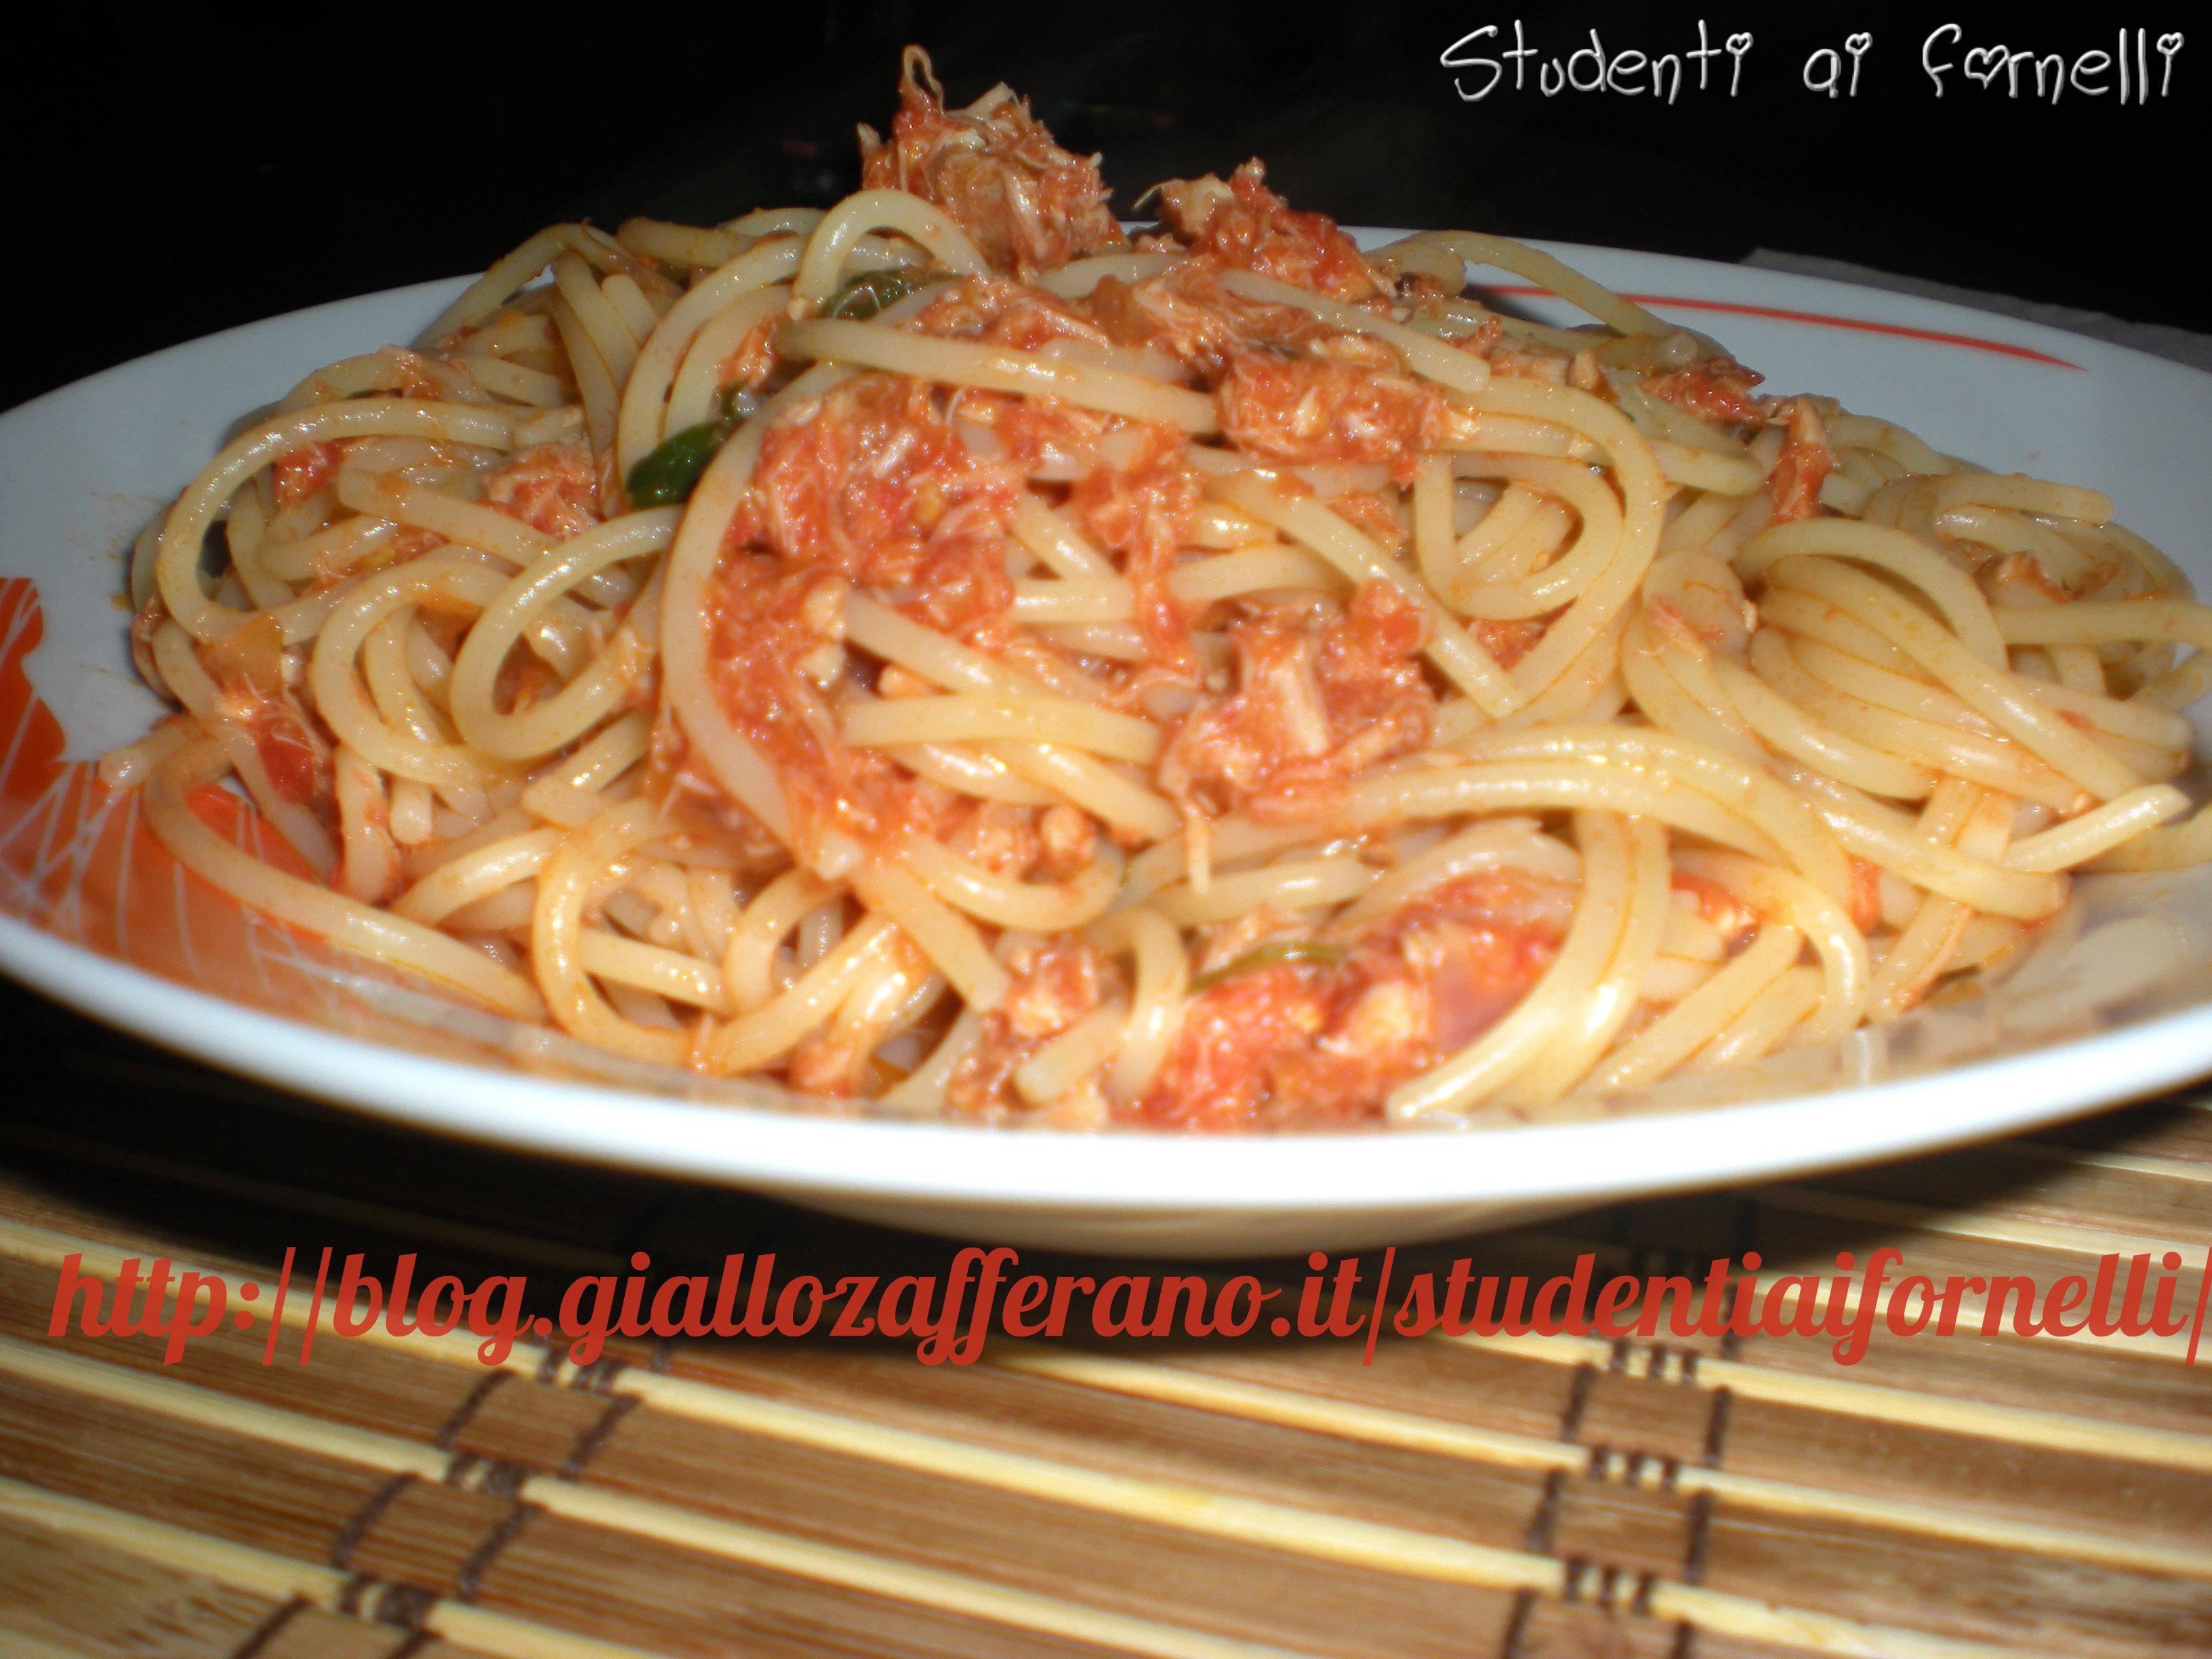 Spaghetti al sugo con tonno ricetta semplice studenti for Spaghetti ricette